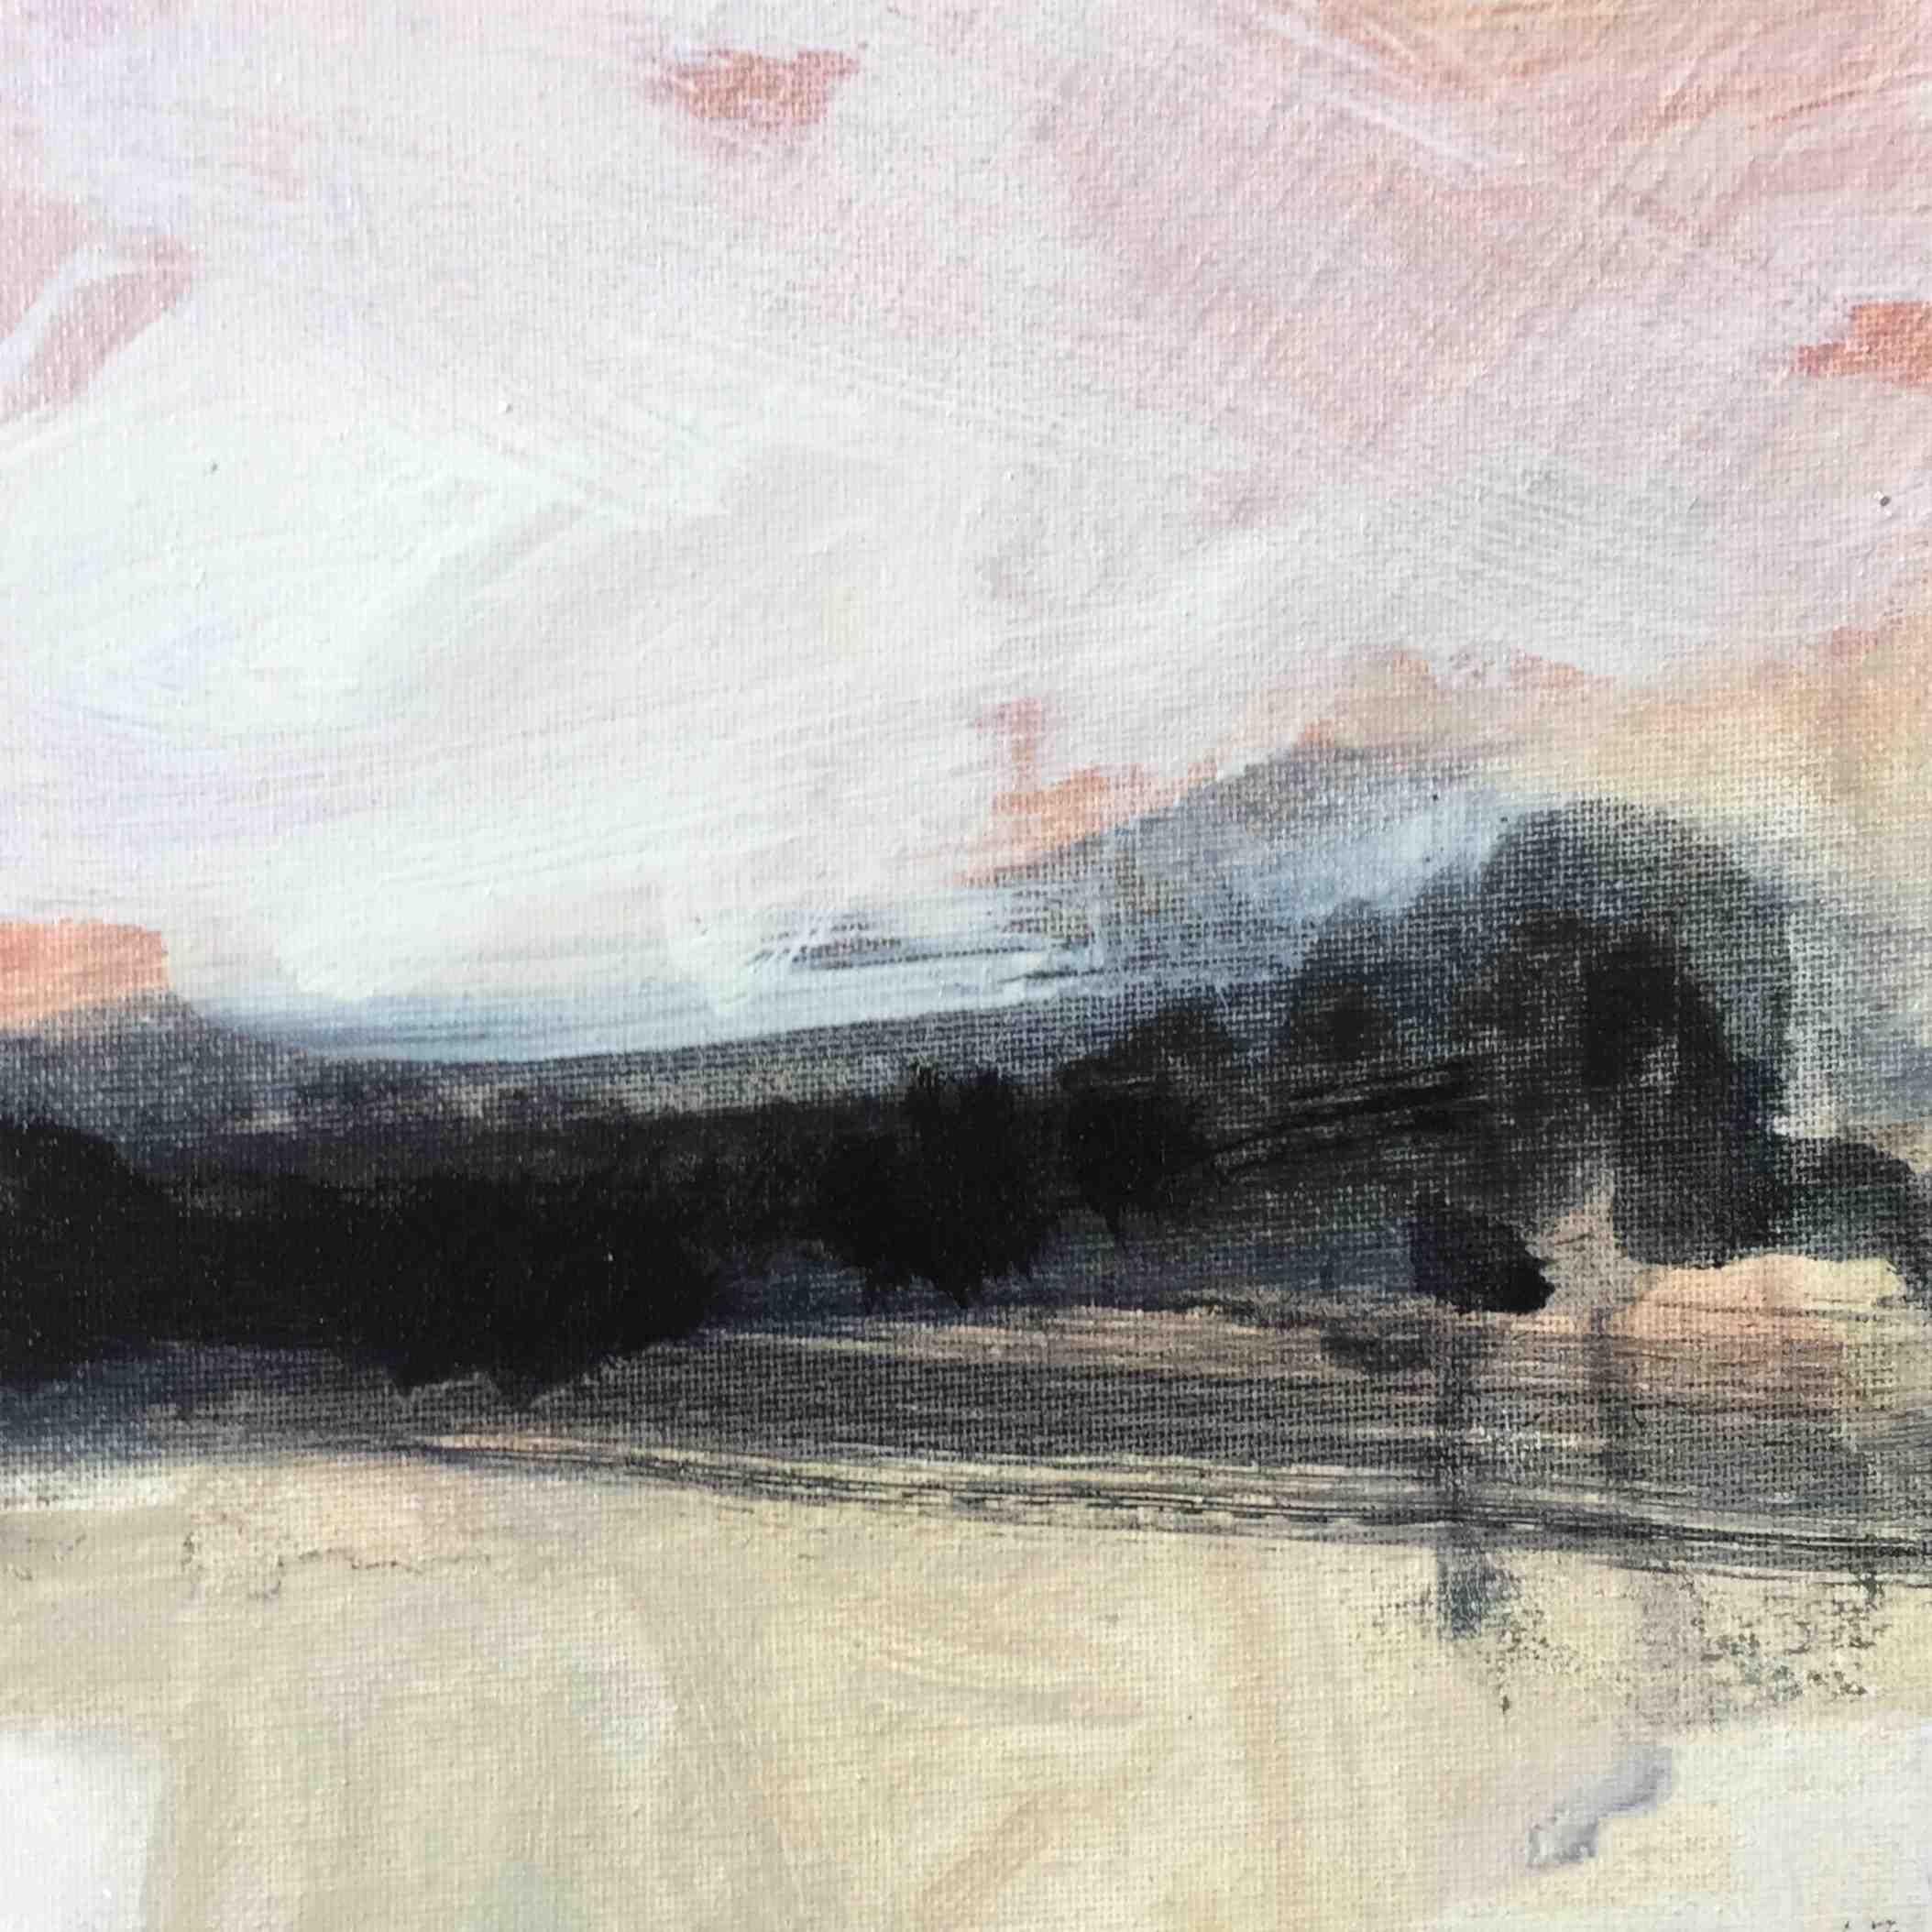 Leah Beggs, Summer Sky, oil on canvas, 20 x 20 cm